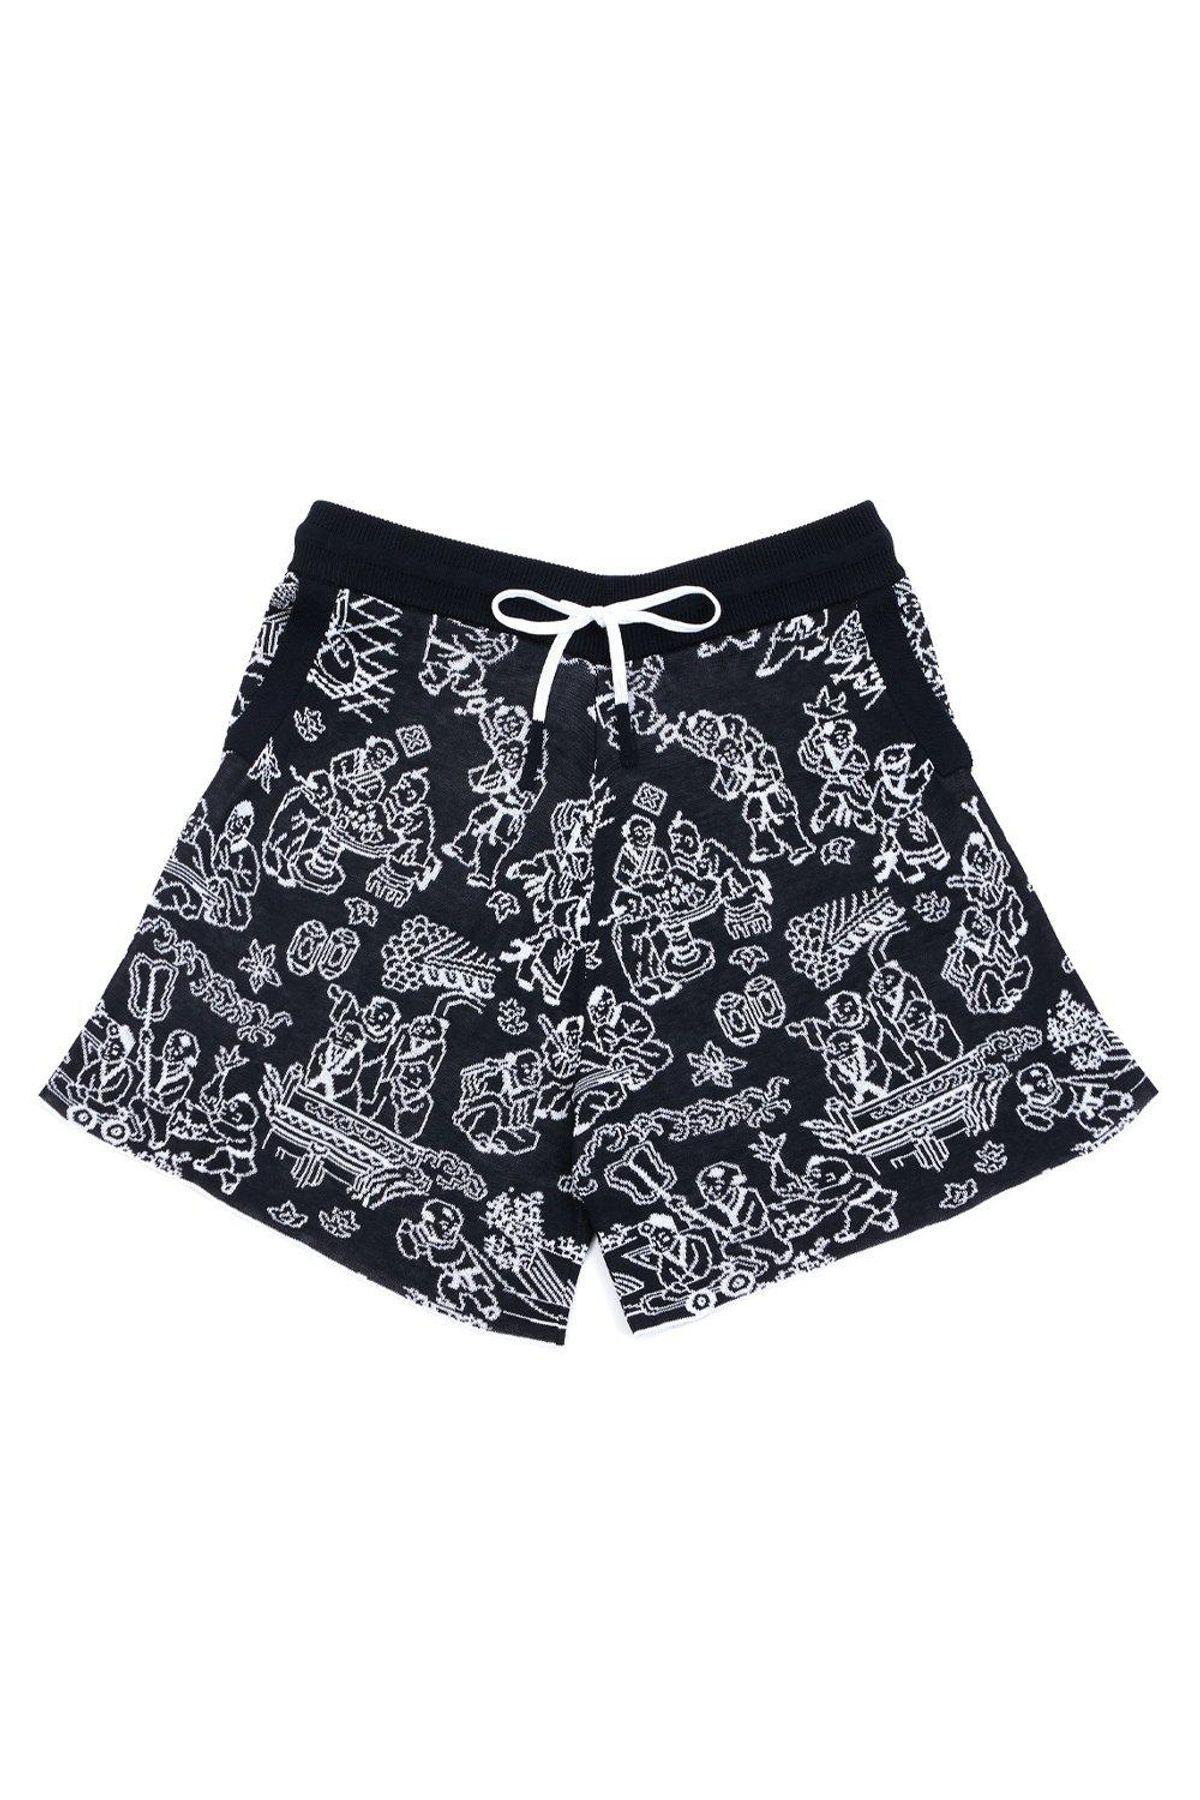 yan yan knits laza short in cotton jacquard